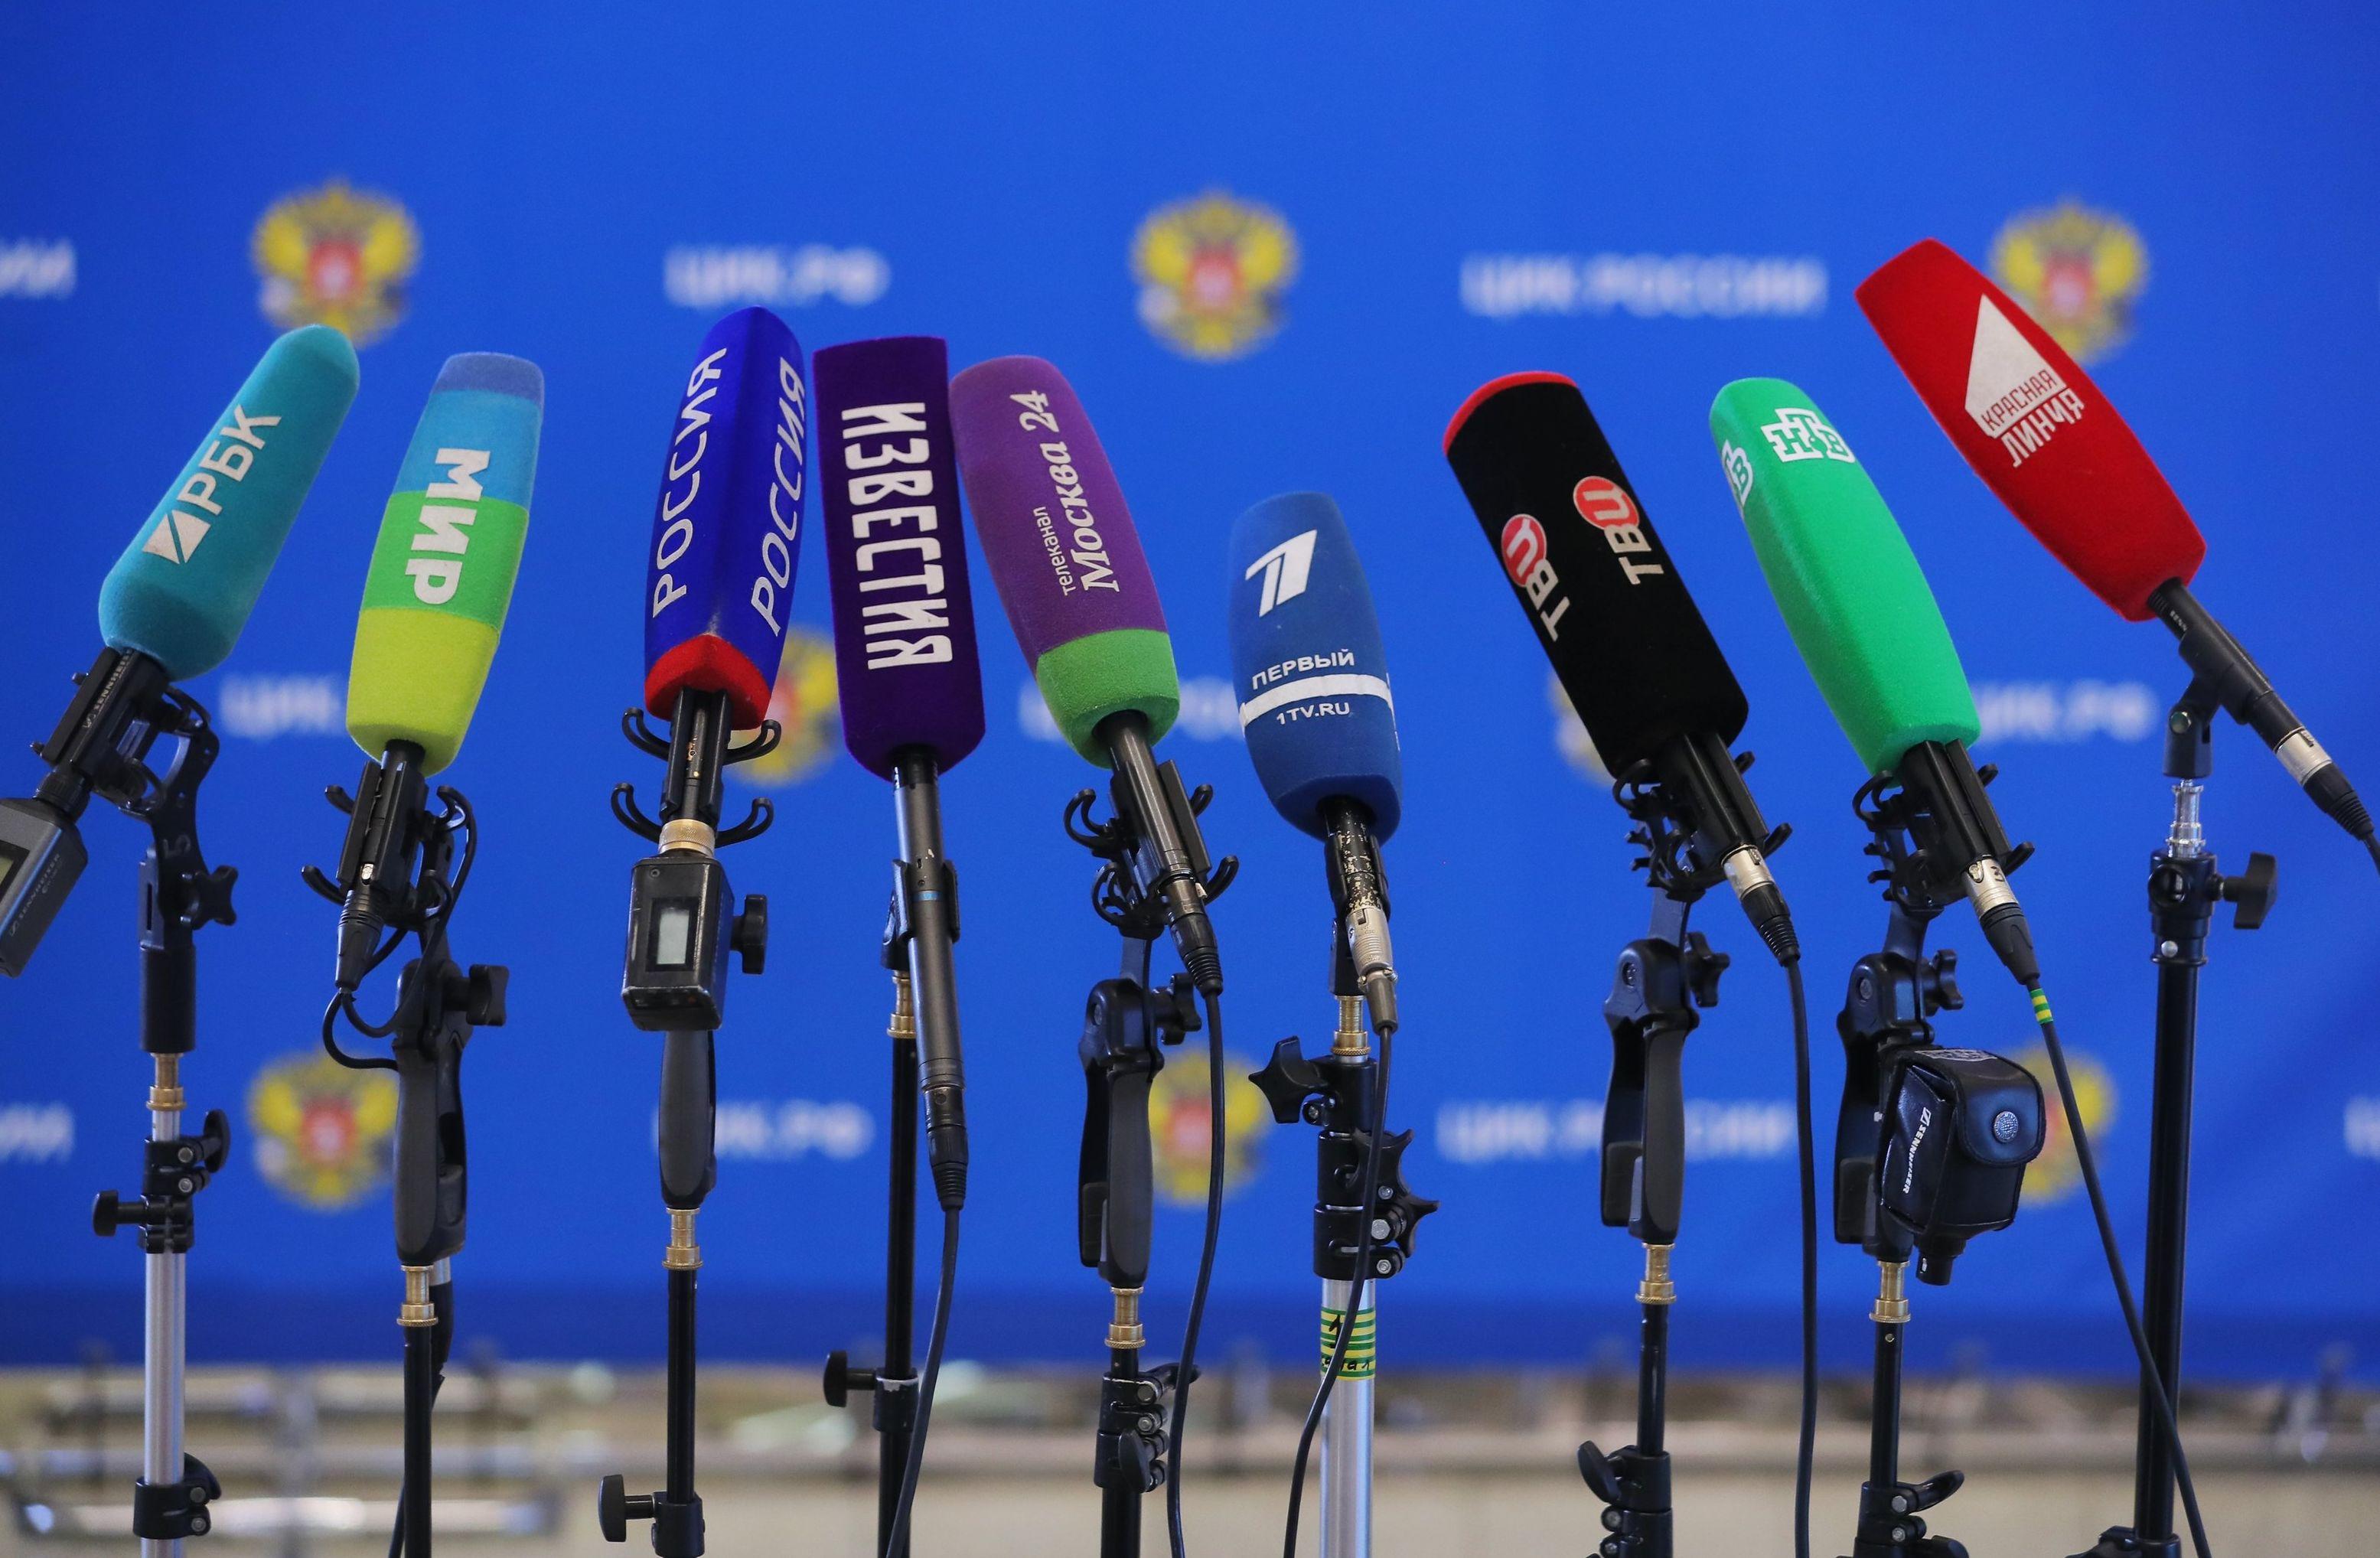 Микрофоны разных российских СМИ